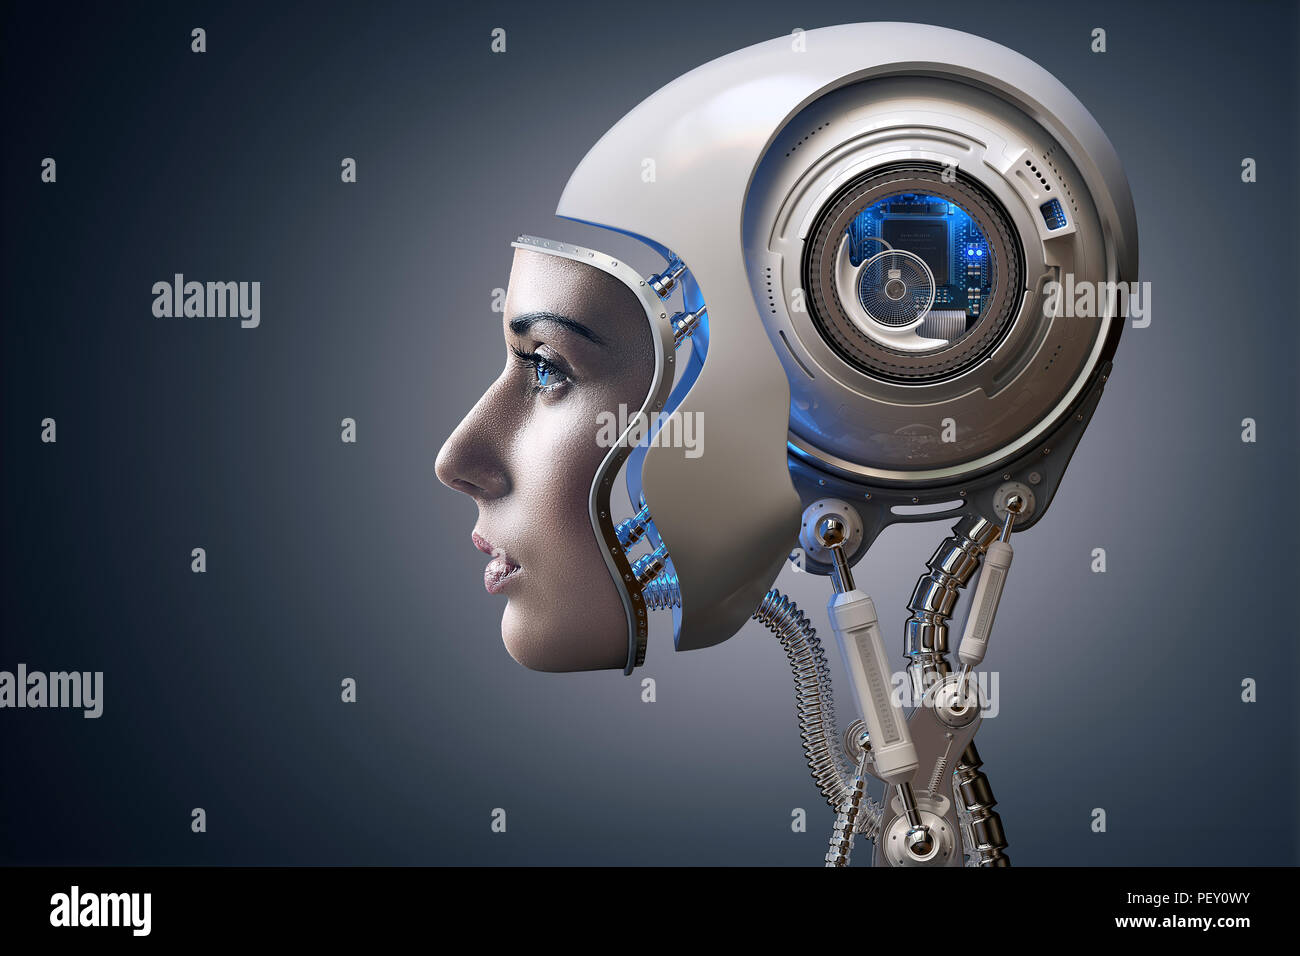 Cyborg illustrato con il volto di una vera e propria giovane donna combinato con un rendering 3D della testa del robot. Concettuale del futuristico bionica e intelli artificiale Immagini Stock